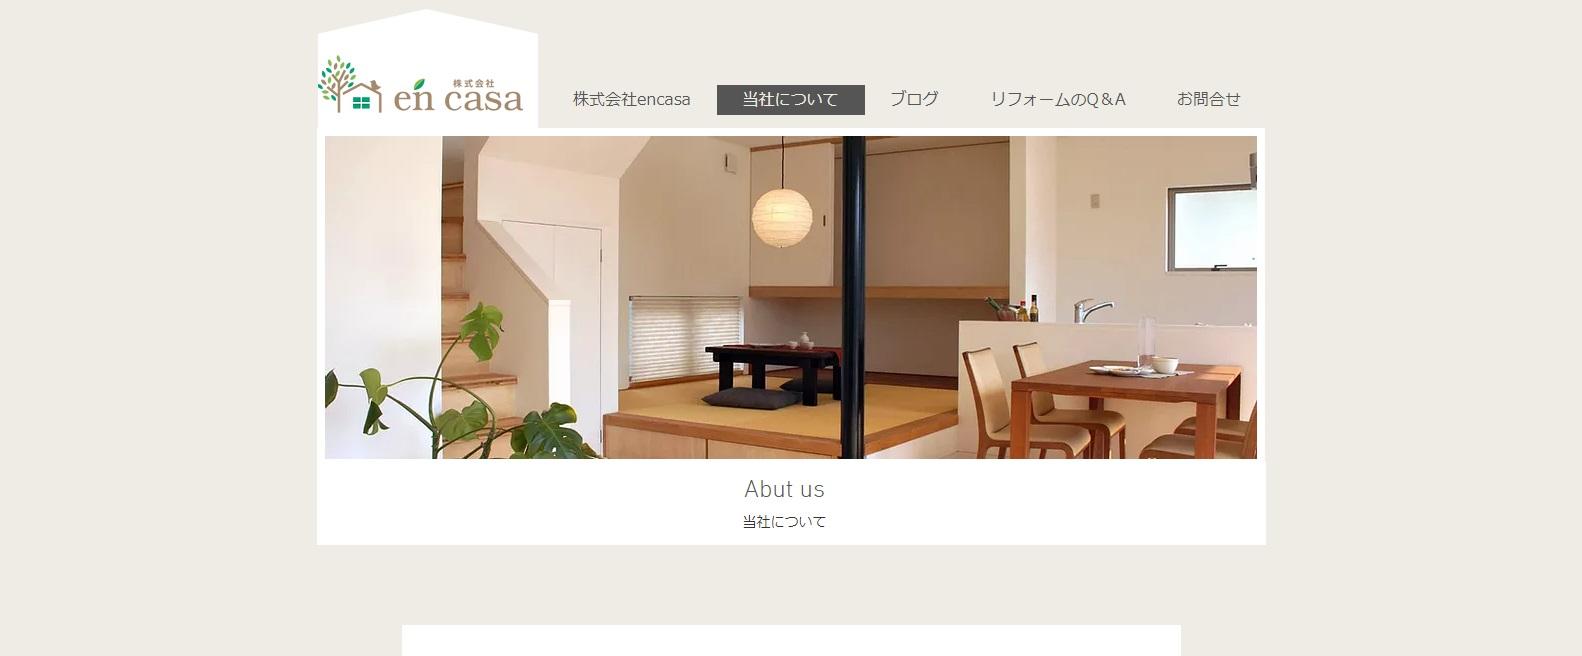 株式会社en casaが「大阪市・東大阪市 安心・信頼のリフォーム会社」など3項目で第1位を獲得!